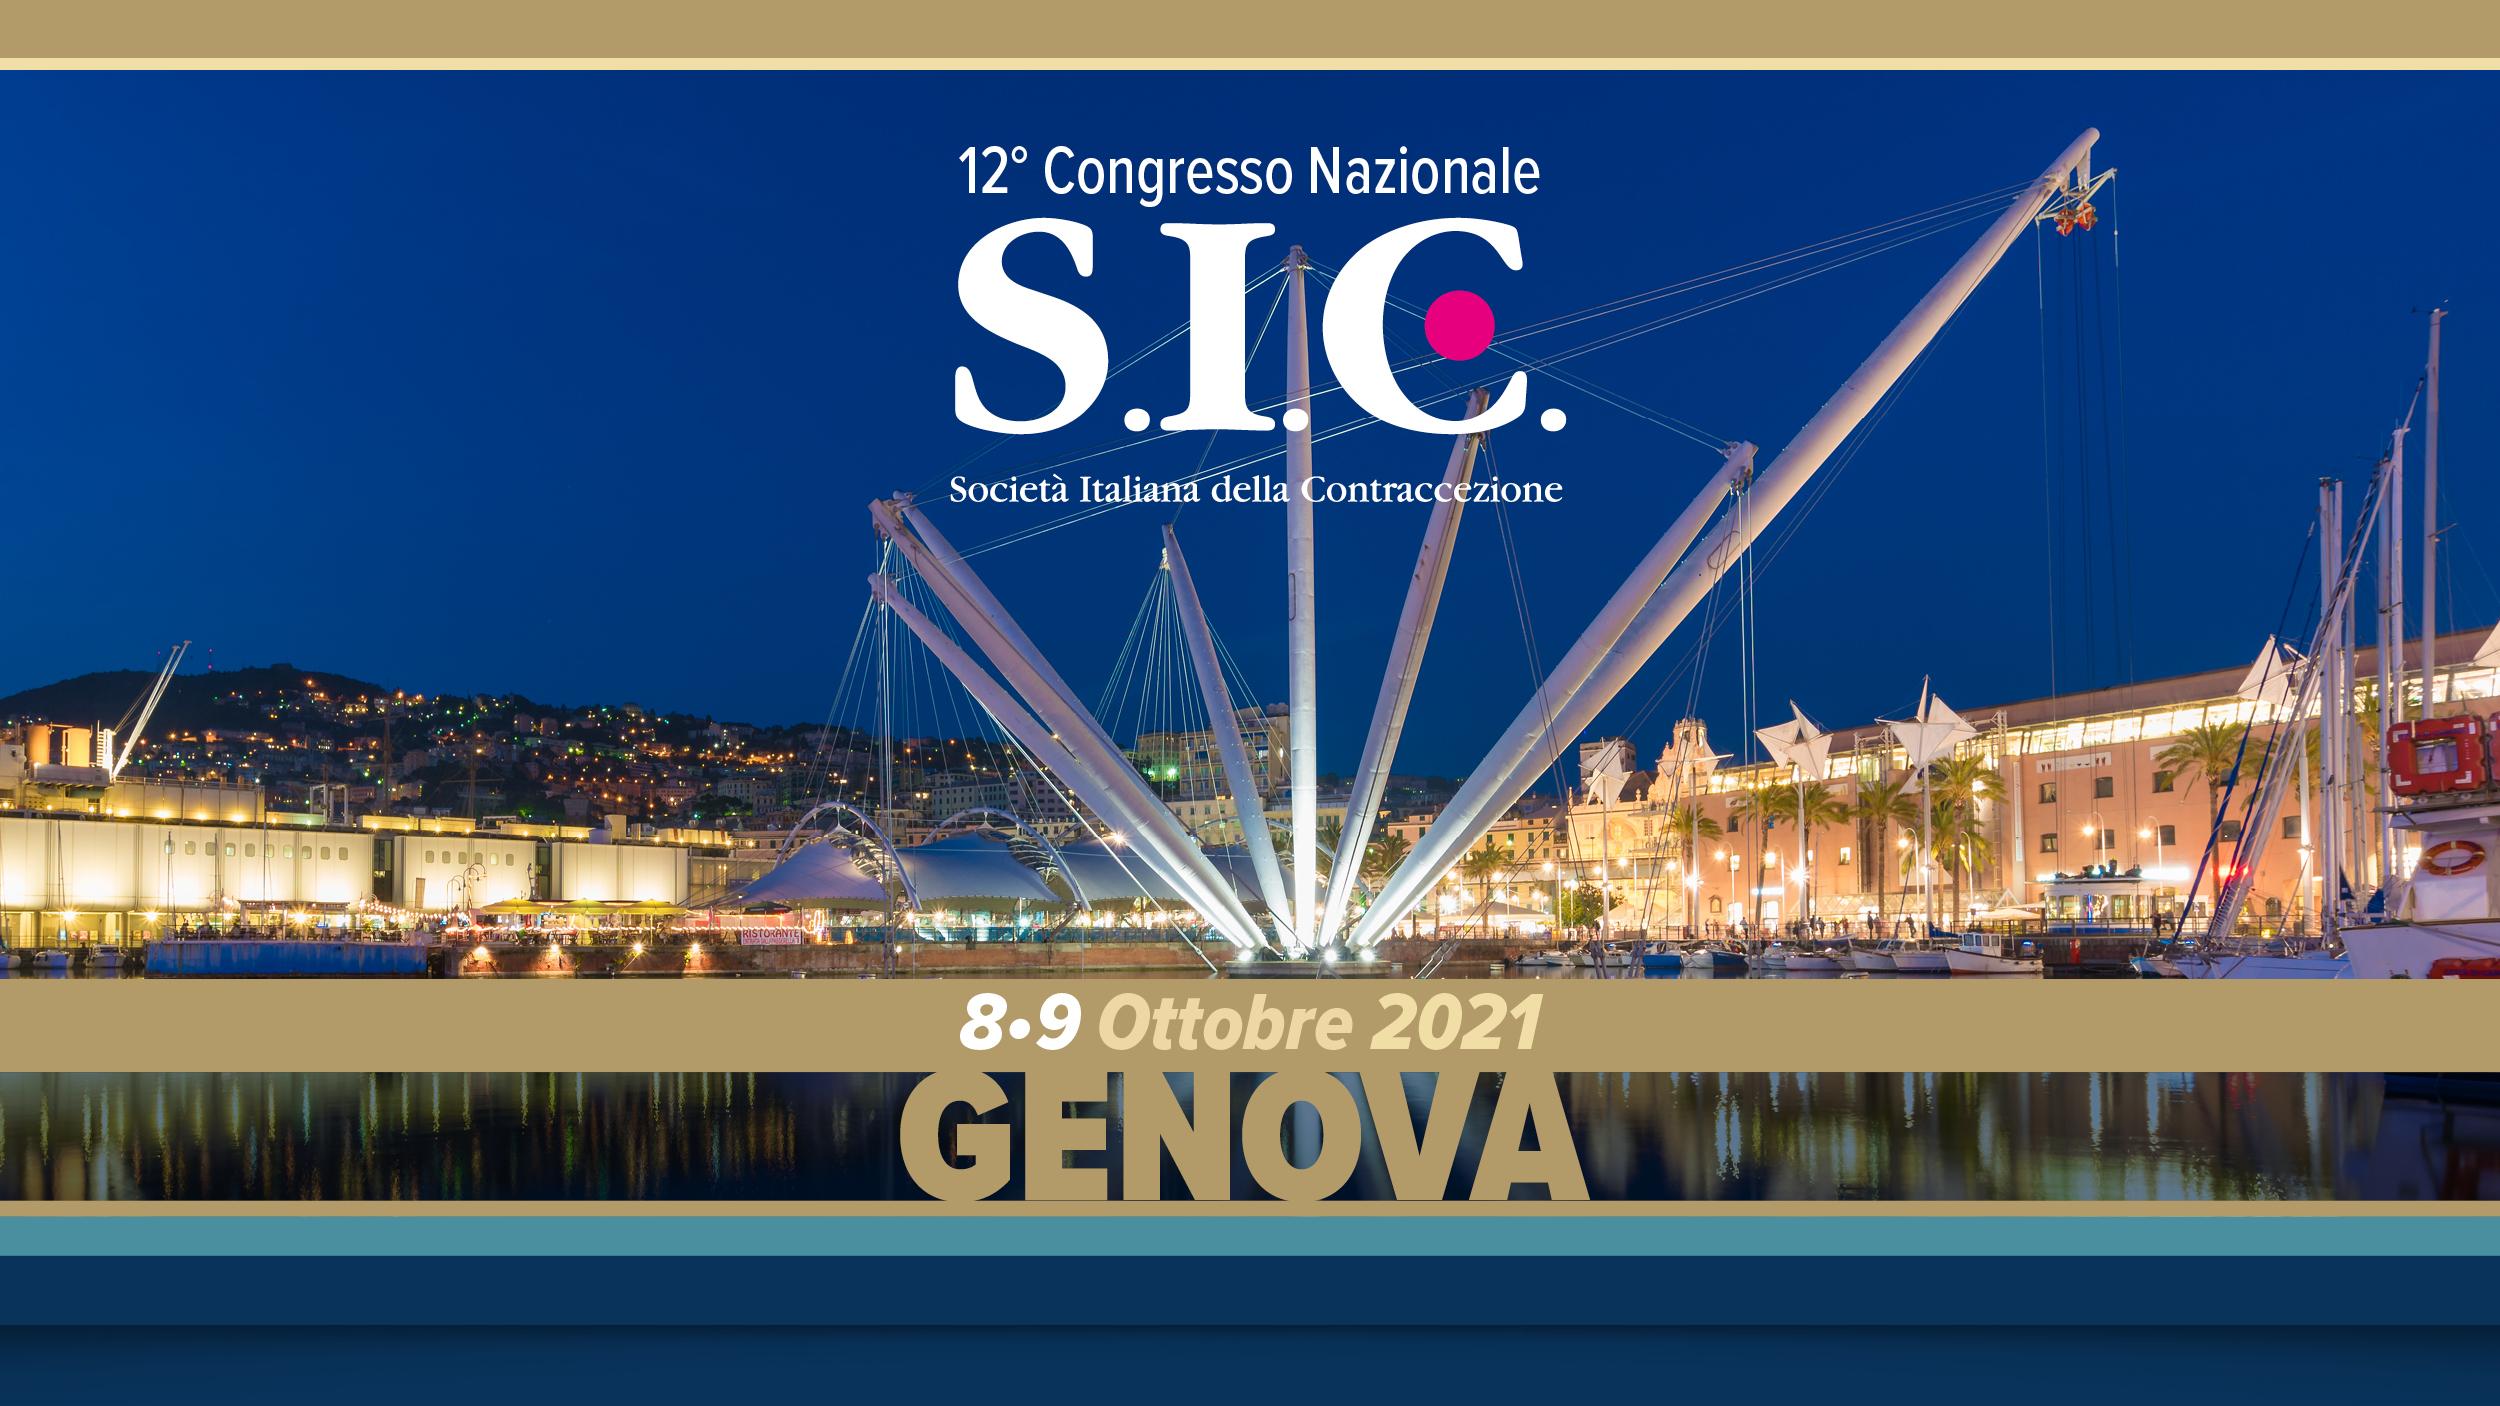 12° Congresso Nazionale S.I.C.